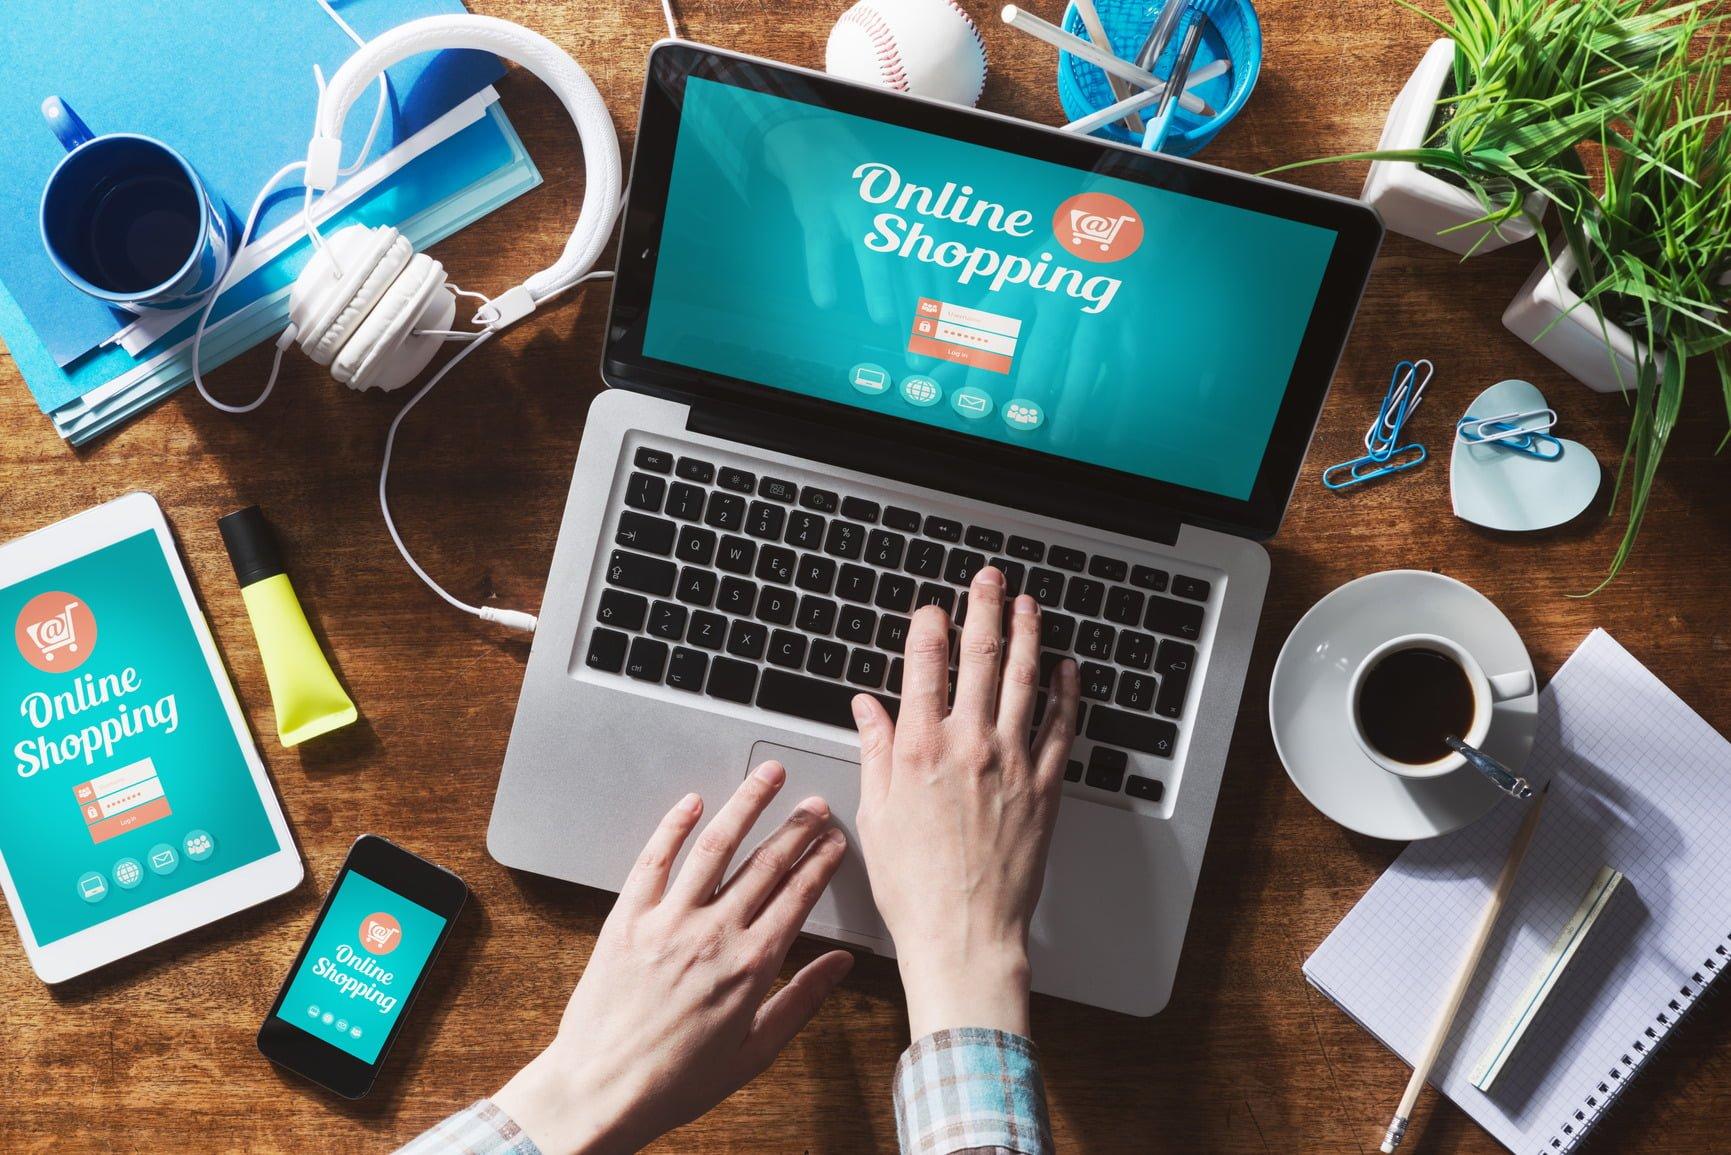 handset industry upcoming combat zone between online and